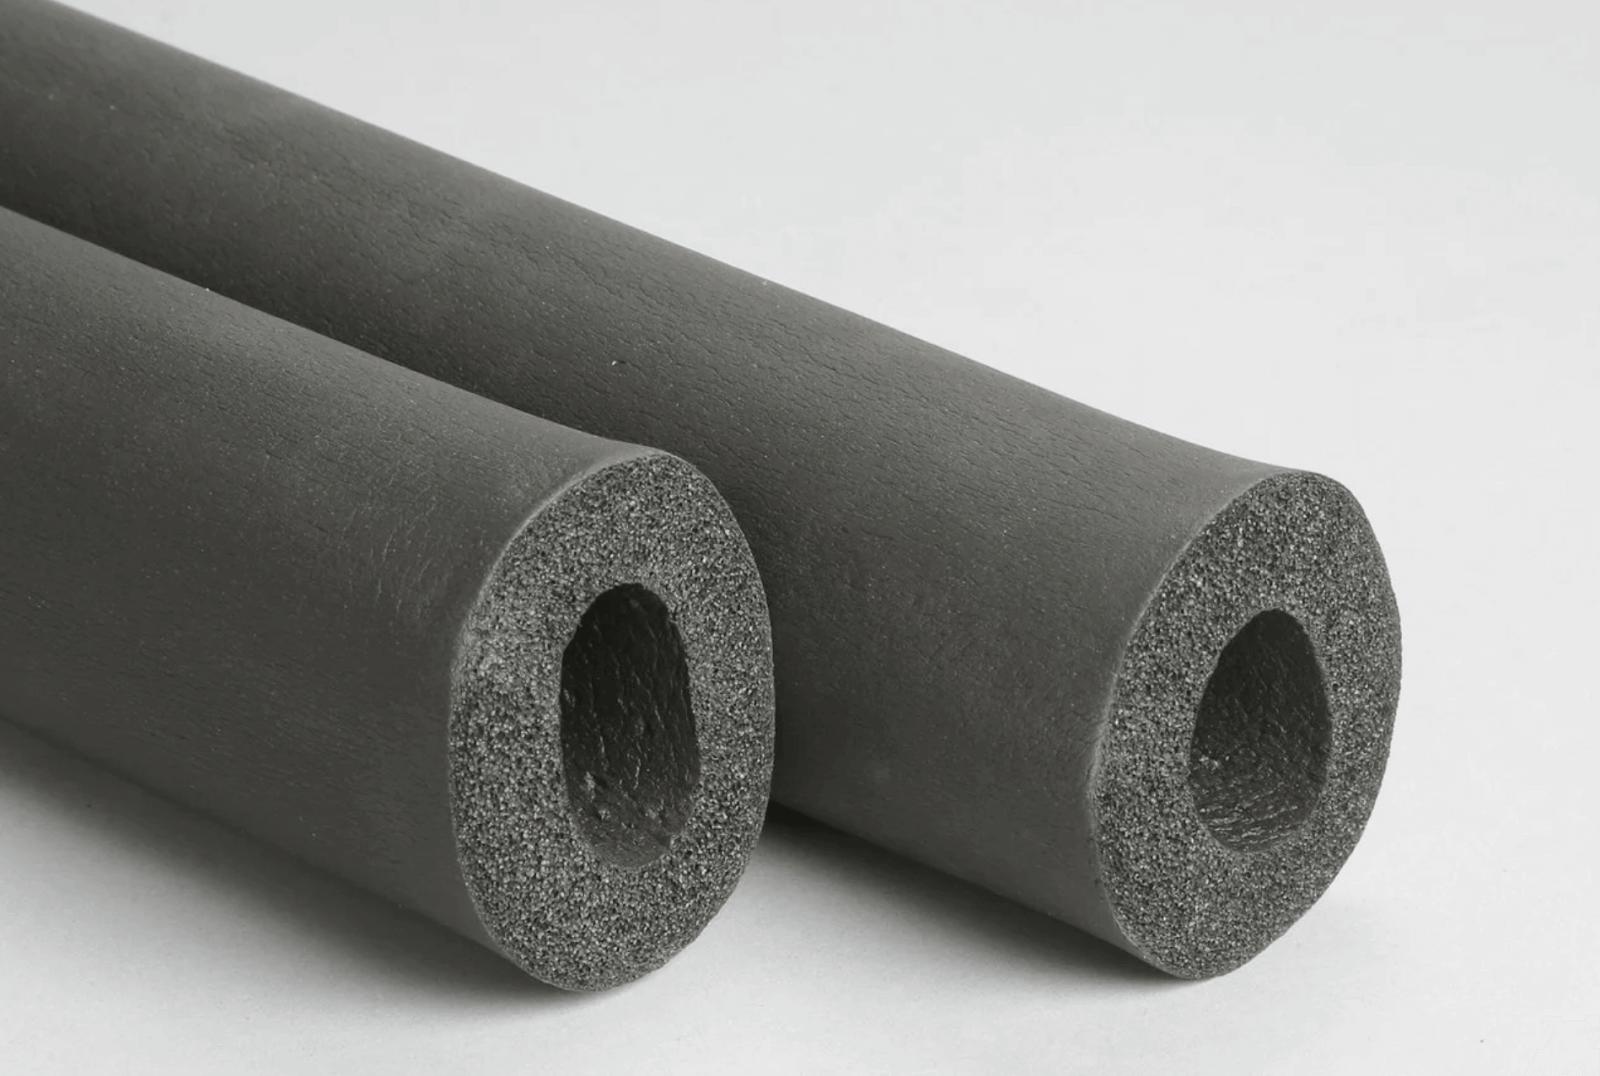 Теплоизоляция для труб из вспененного каучука цена